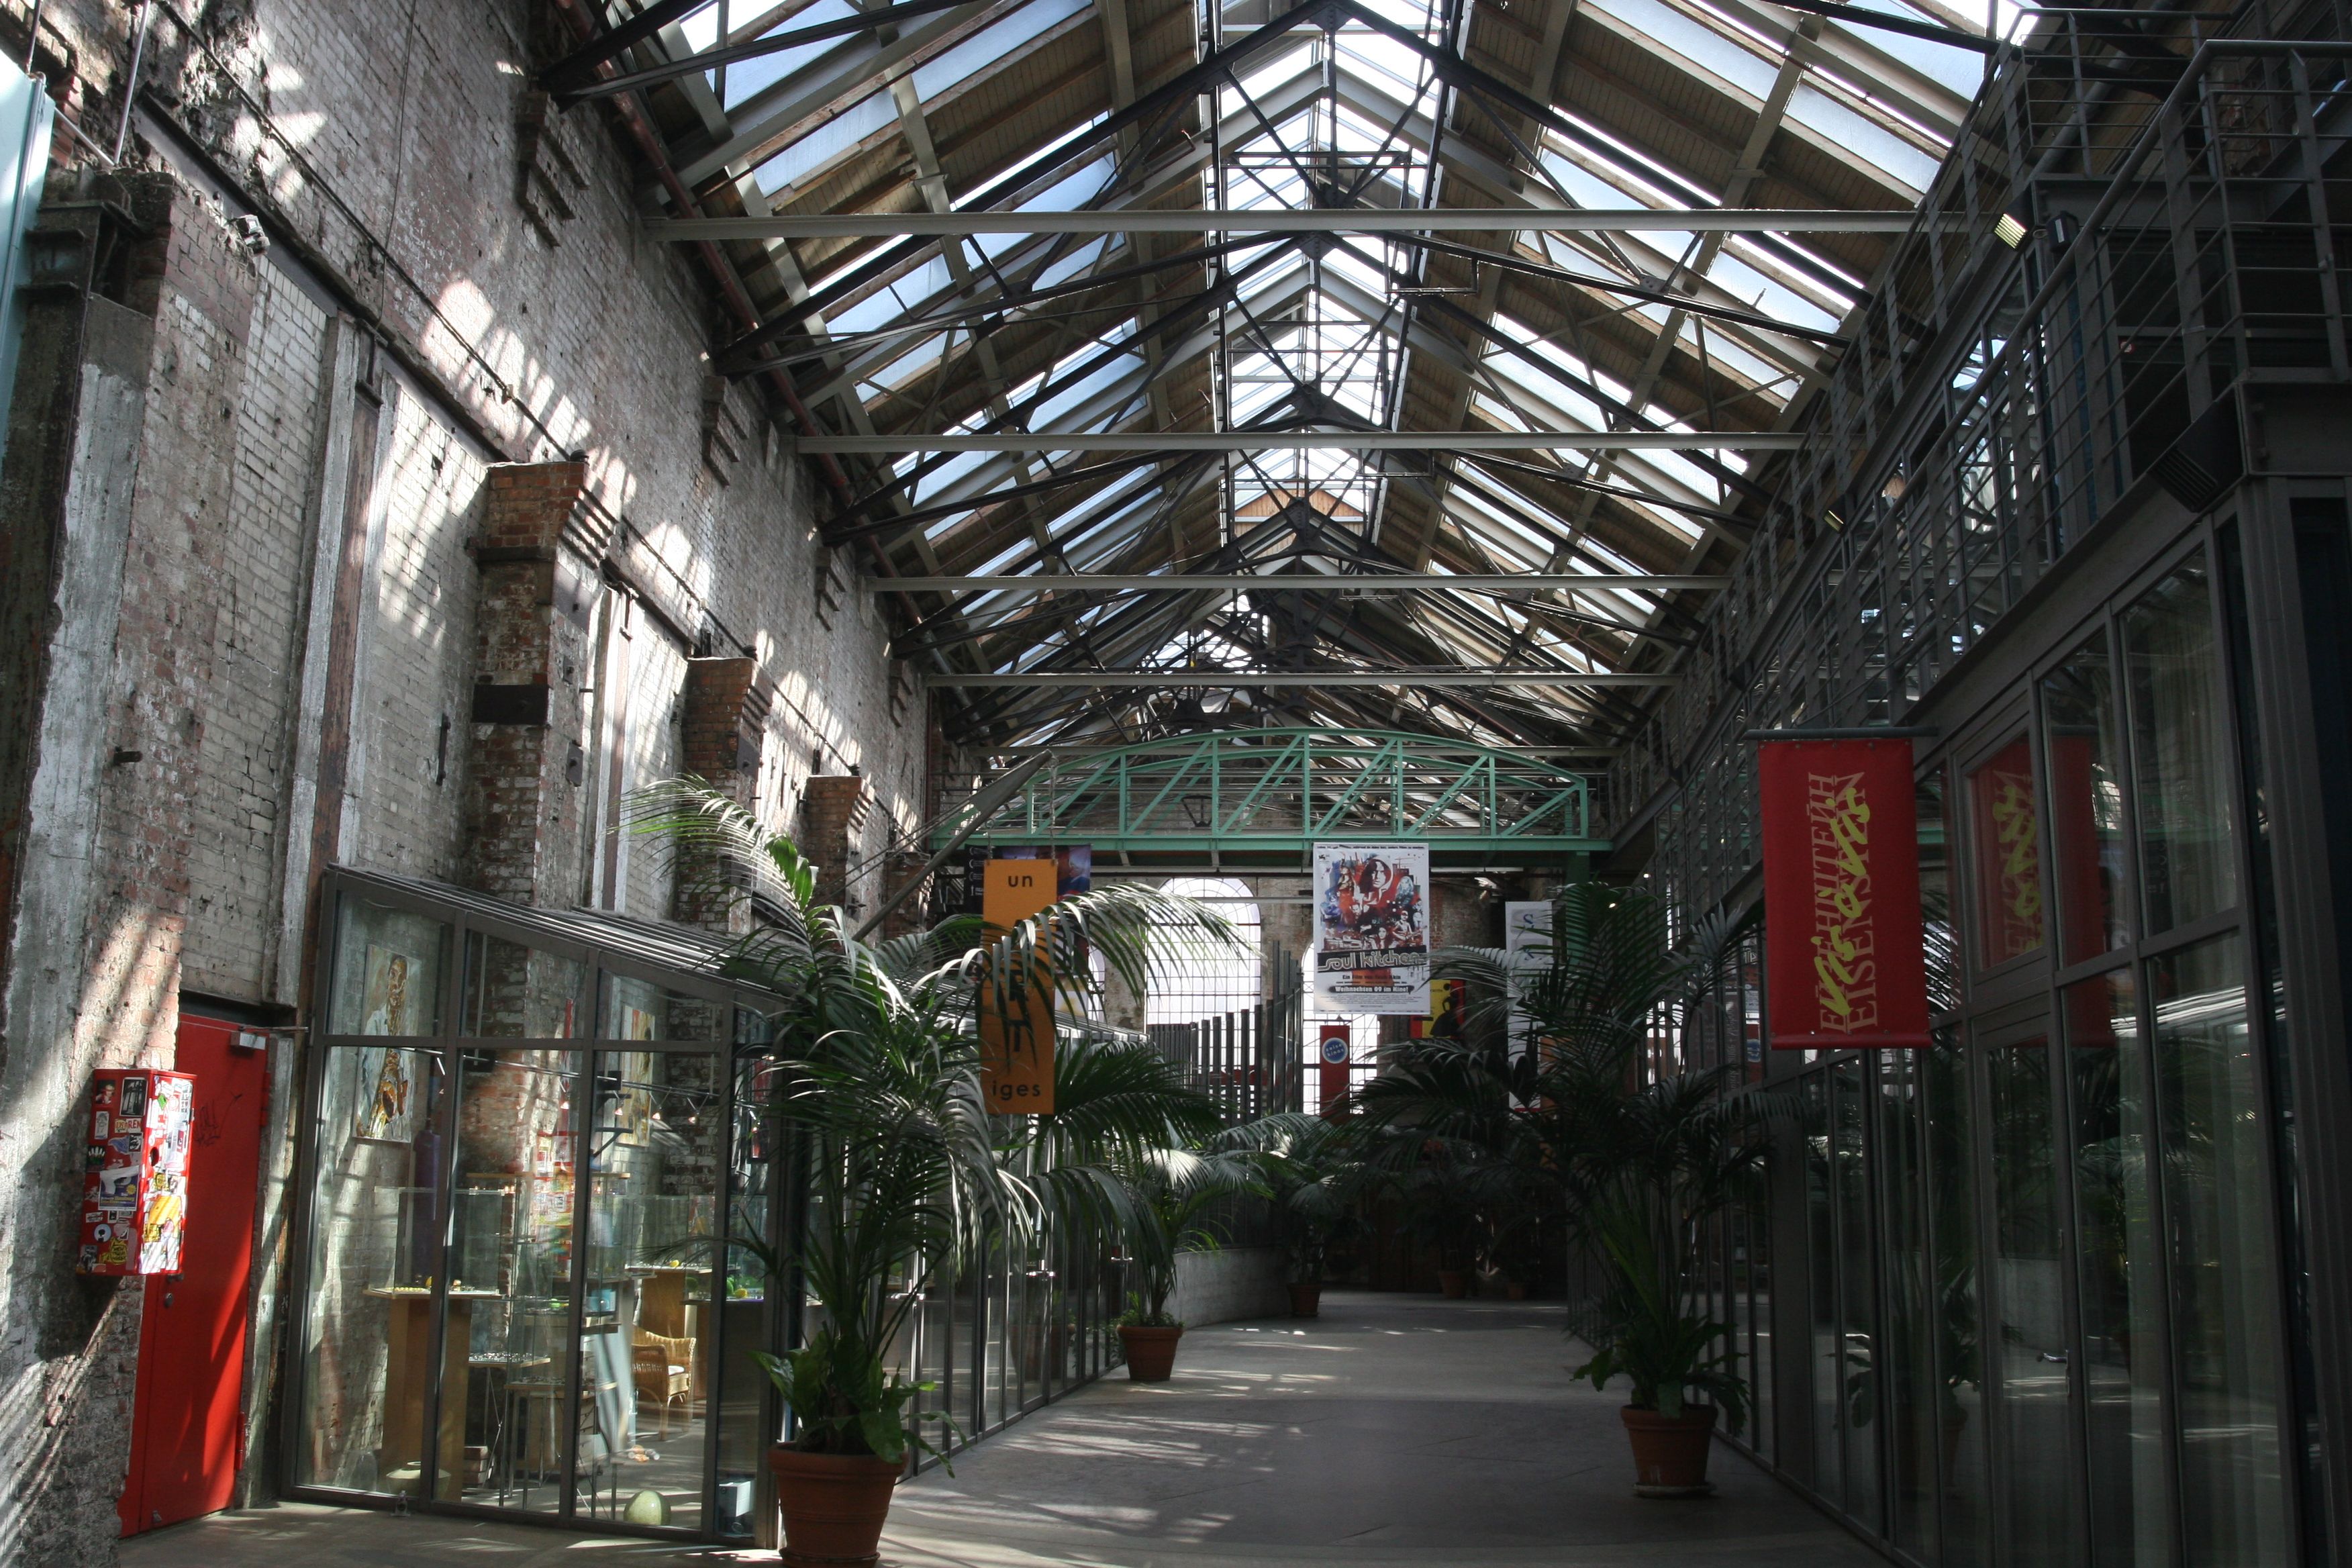 Zeisekino Hamburg